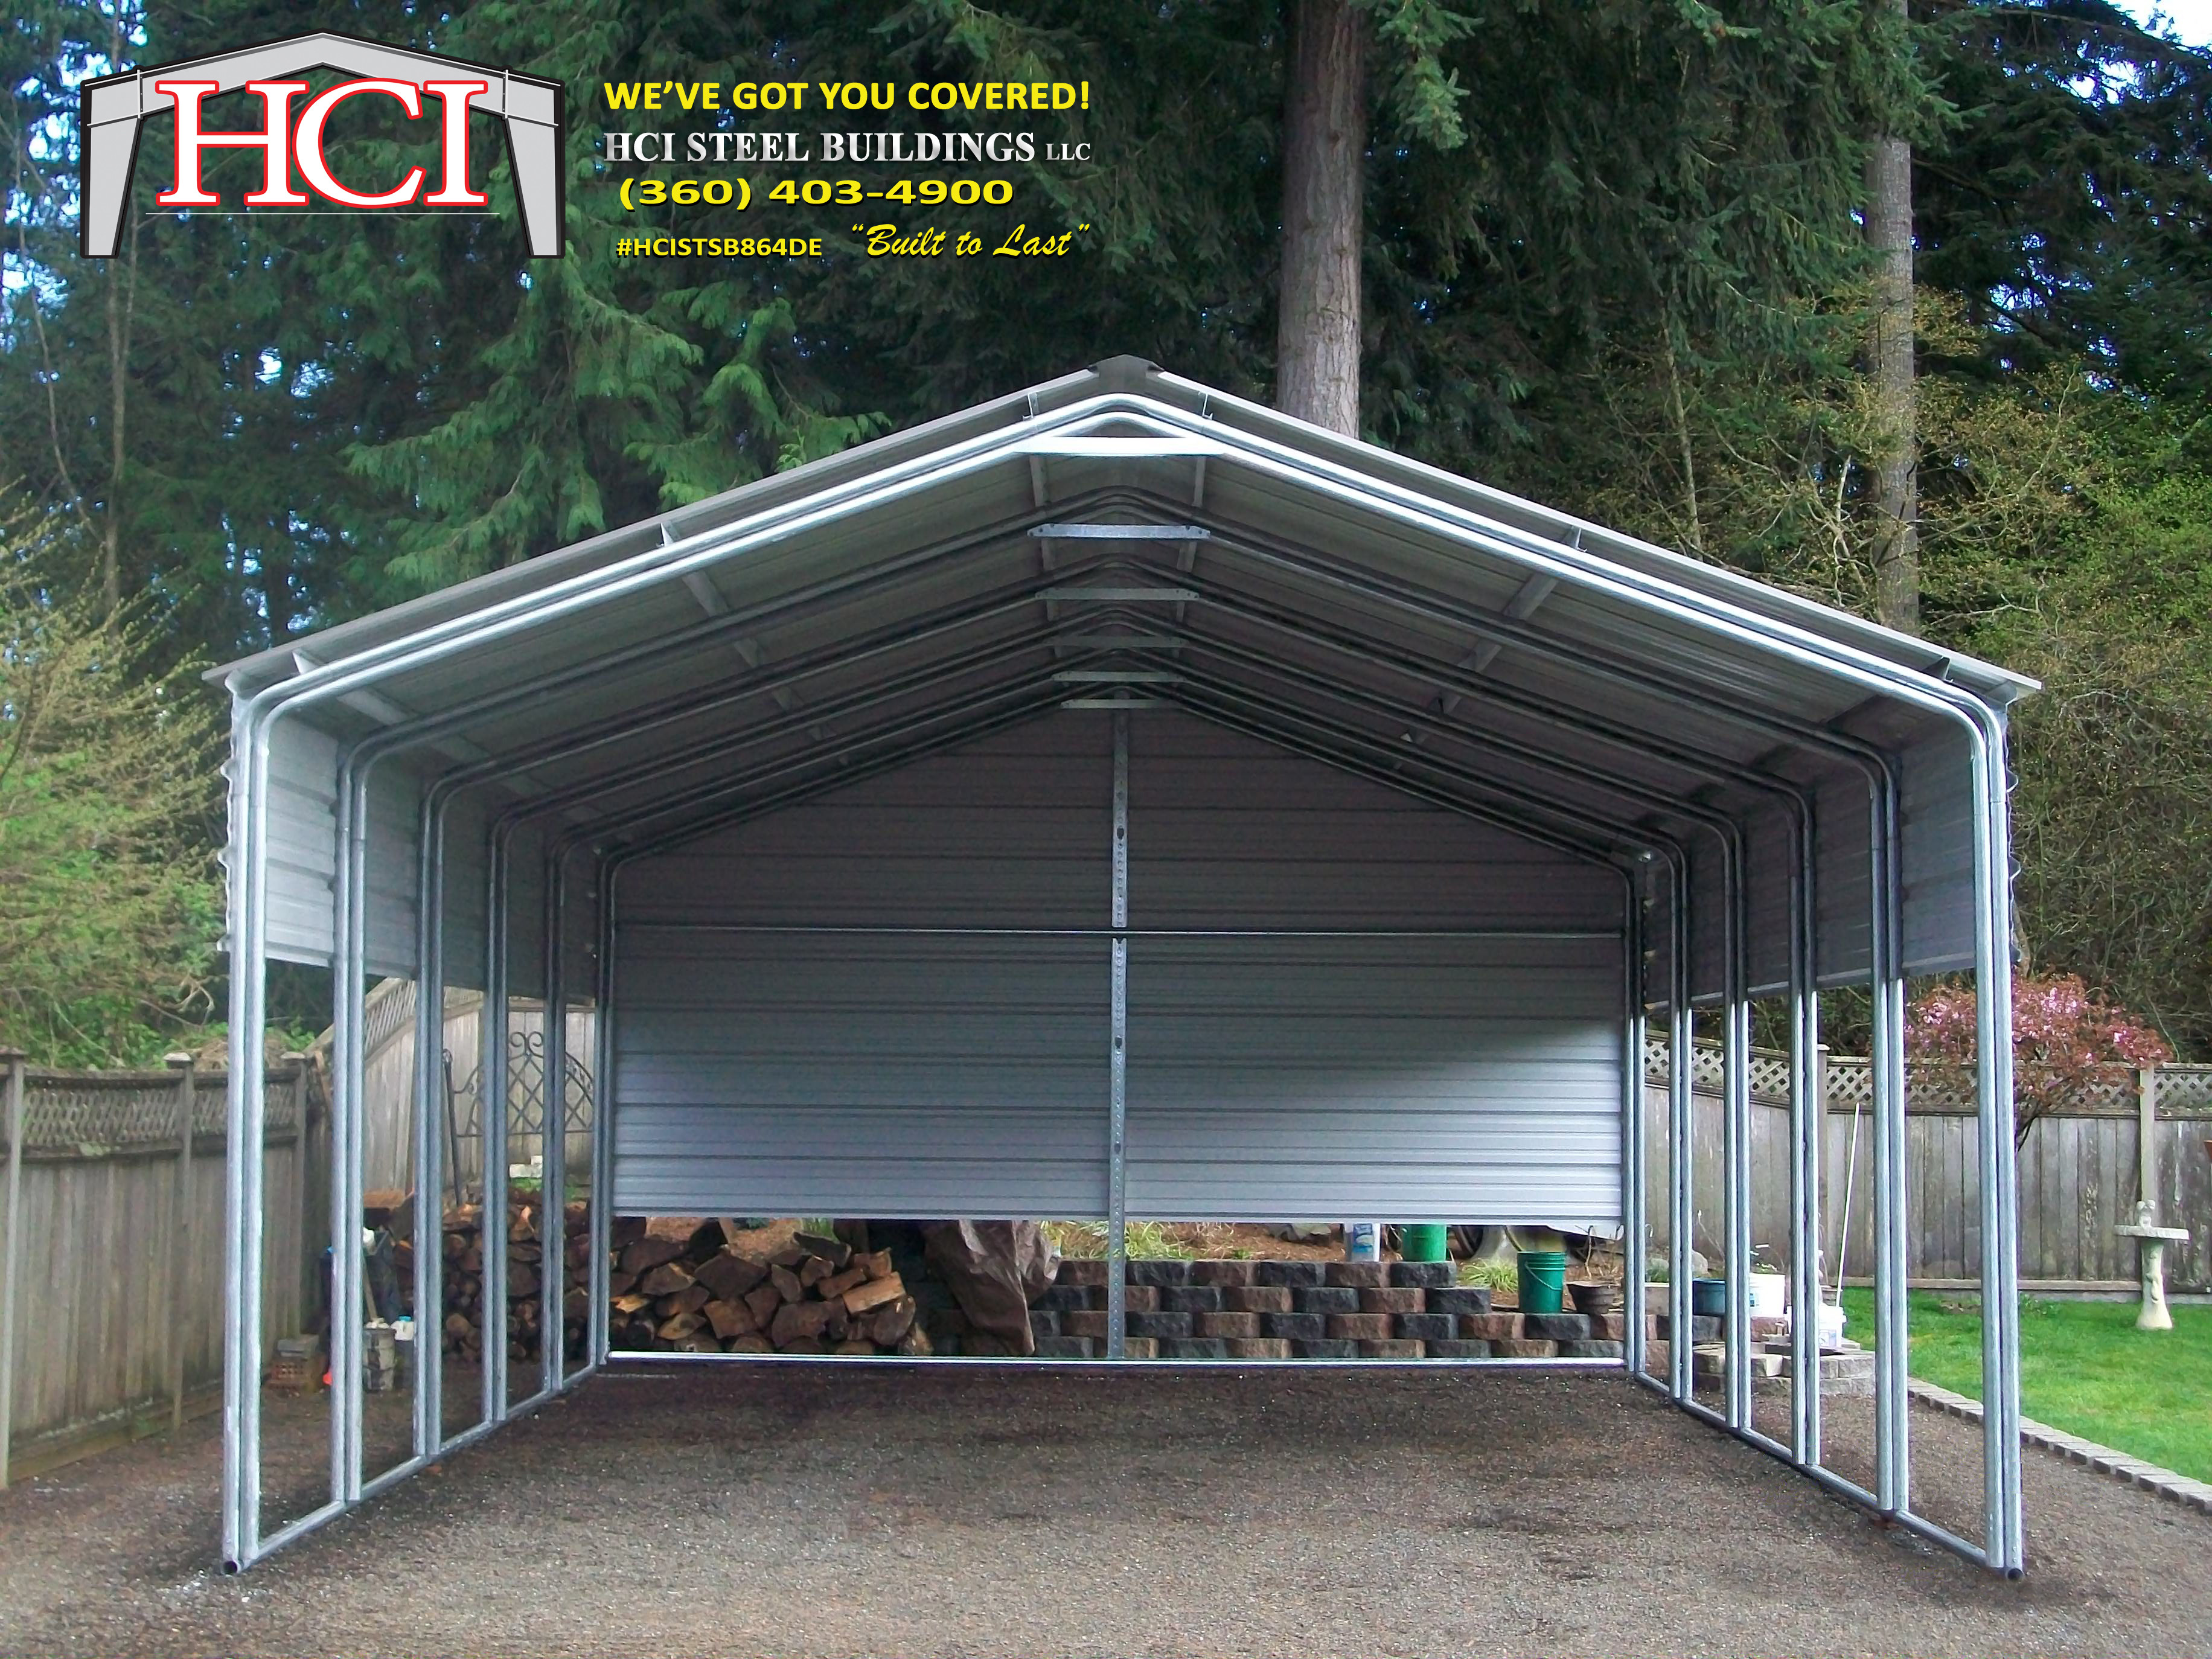 24x26x10 MetalCarport (1) - HCI Steel Buildings